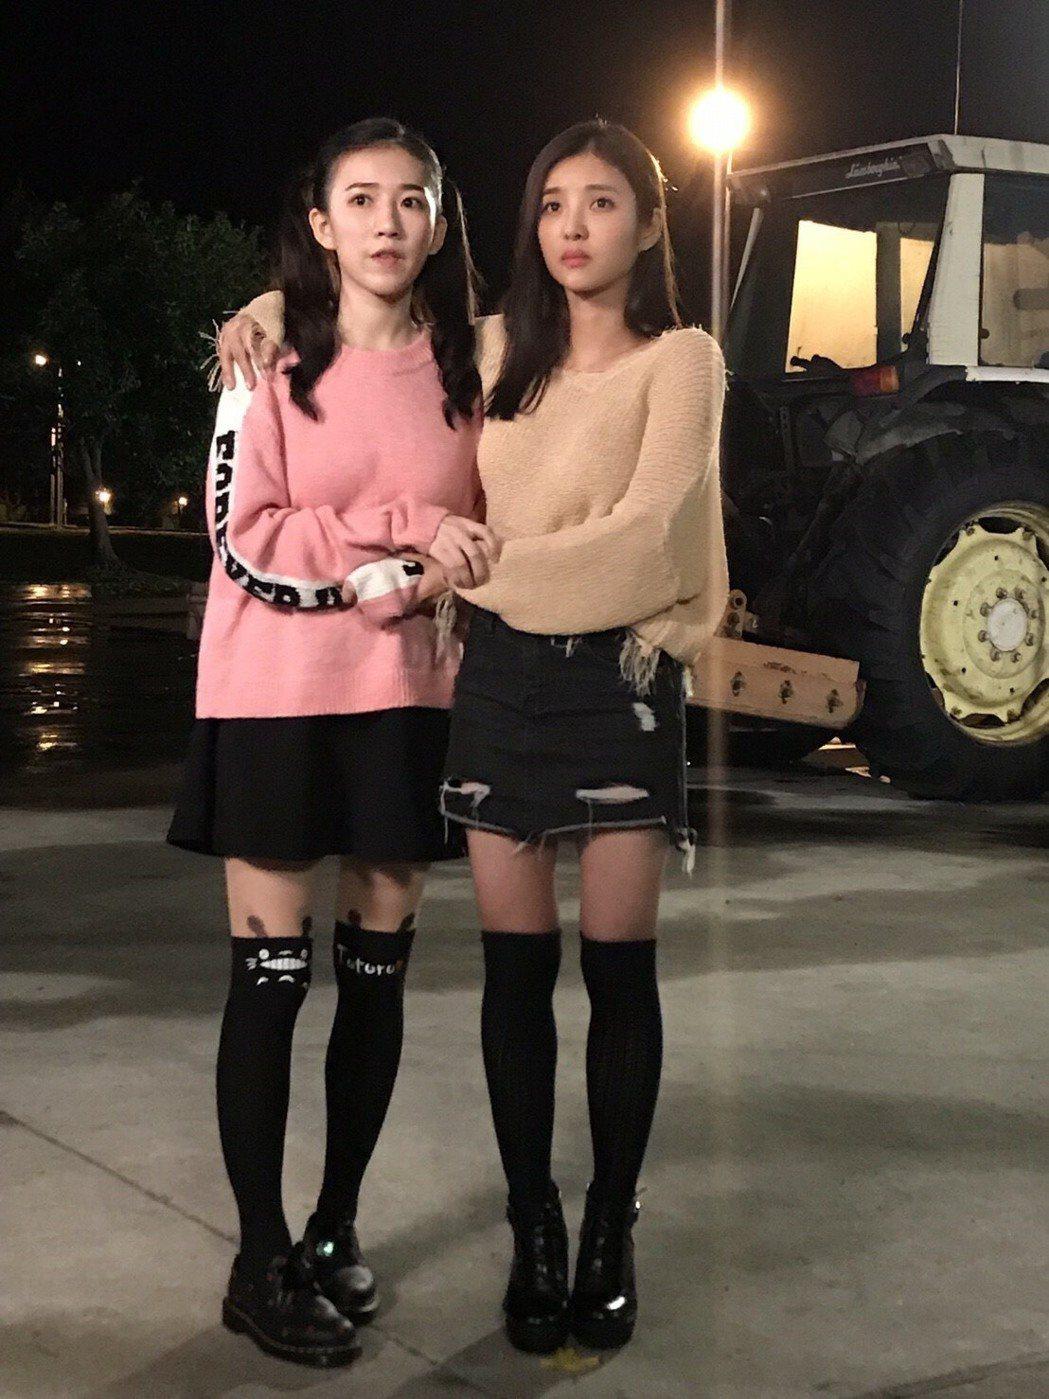 安于晴(右)與常心屏(左)共演網路大電影「痞子校花2」。圖/奧瑪優勢提供